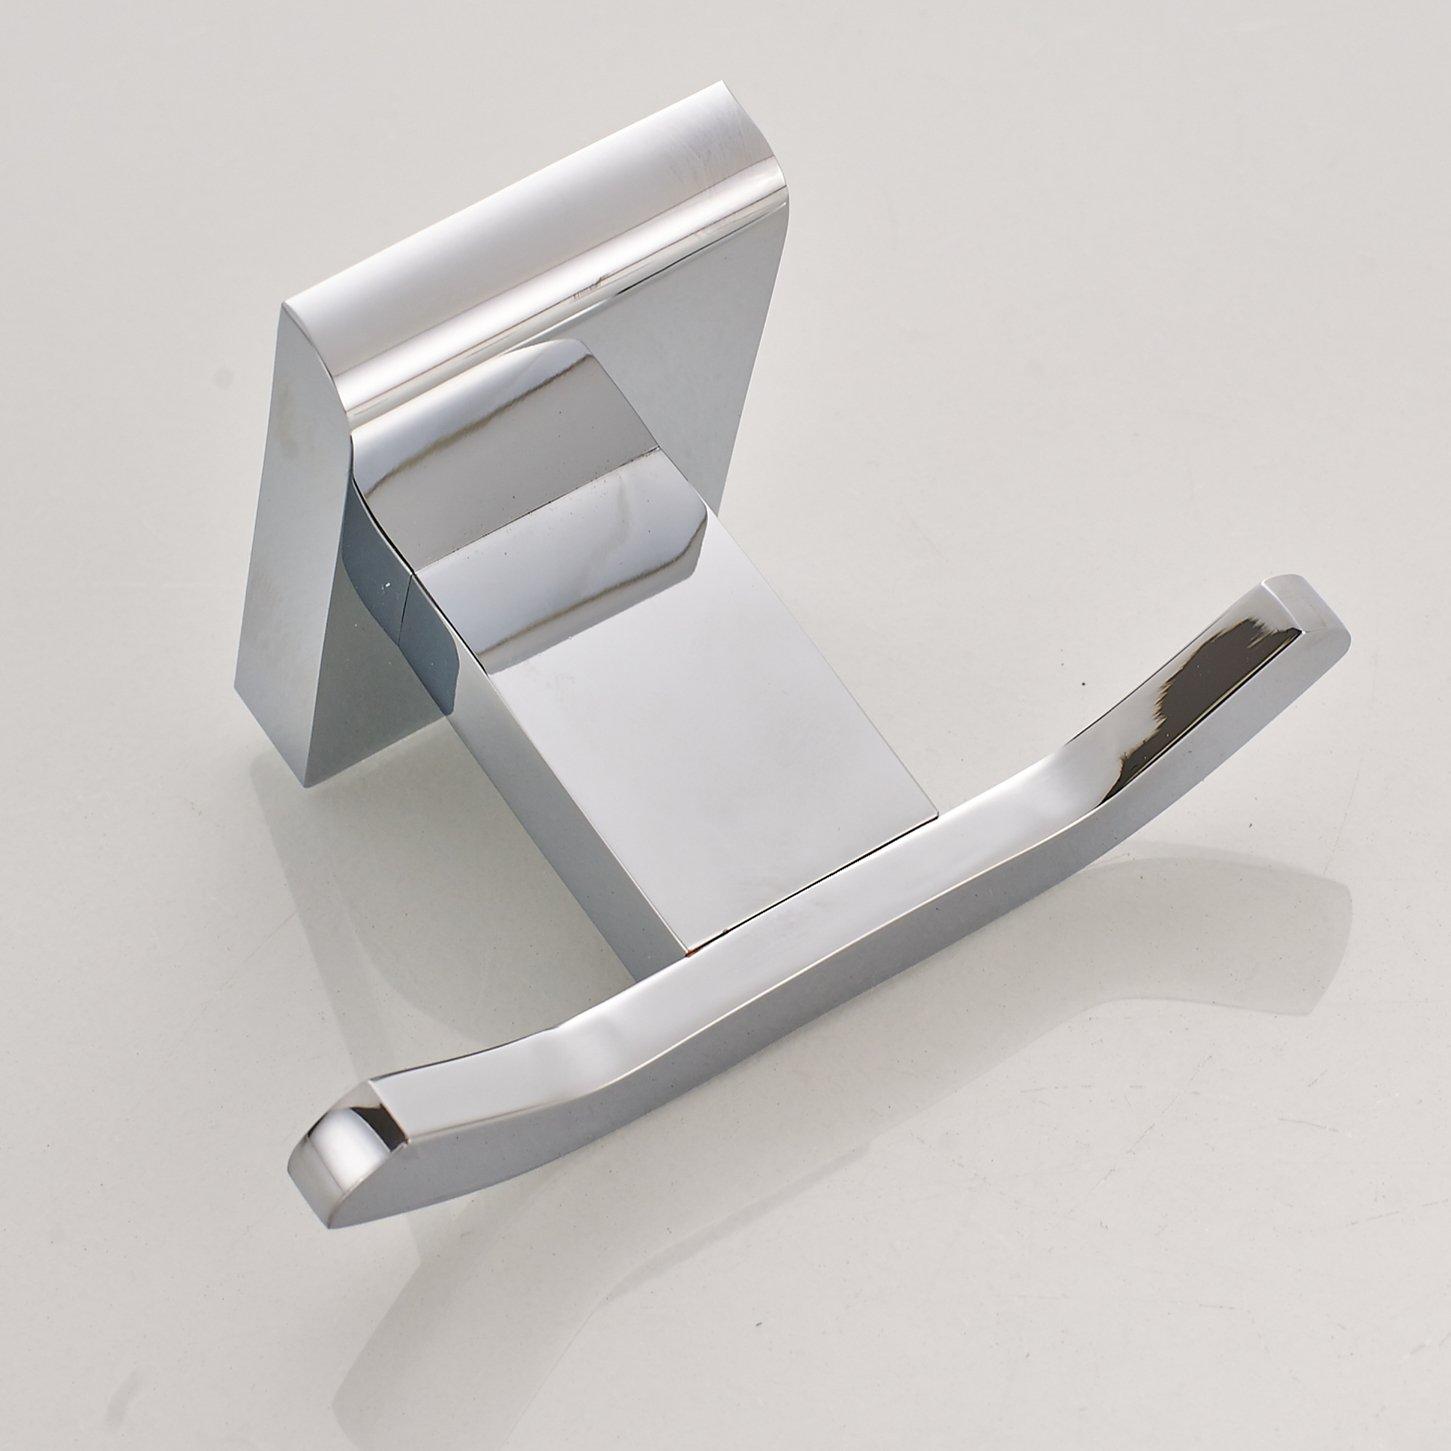 Homovater Edelstahl Handtuchringe Handtuchstange Handtuchhalter wandmontage Badetuch Ring Halterung Wandhandtuchhalter